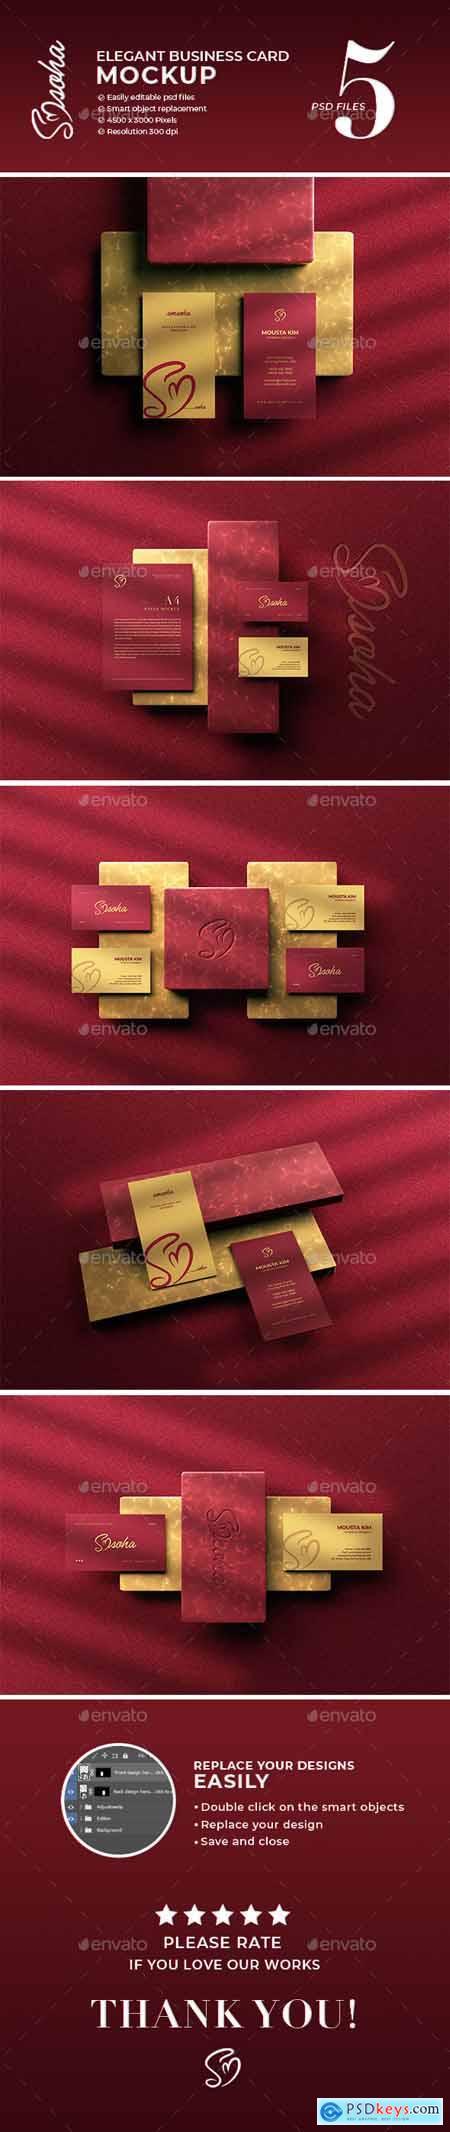 Elegant Business Card Mockup 30082631